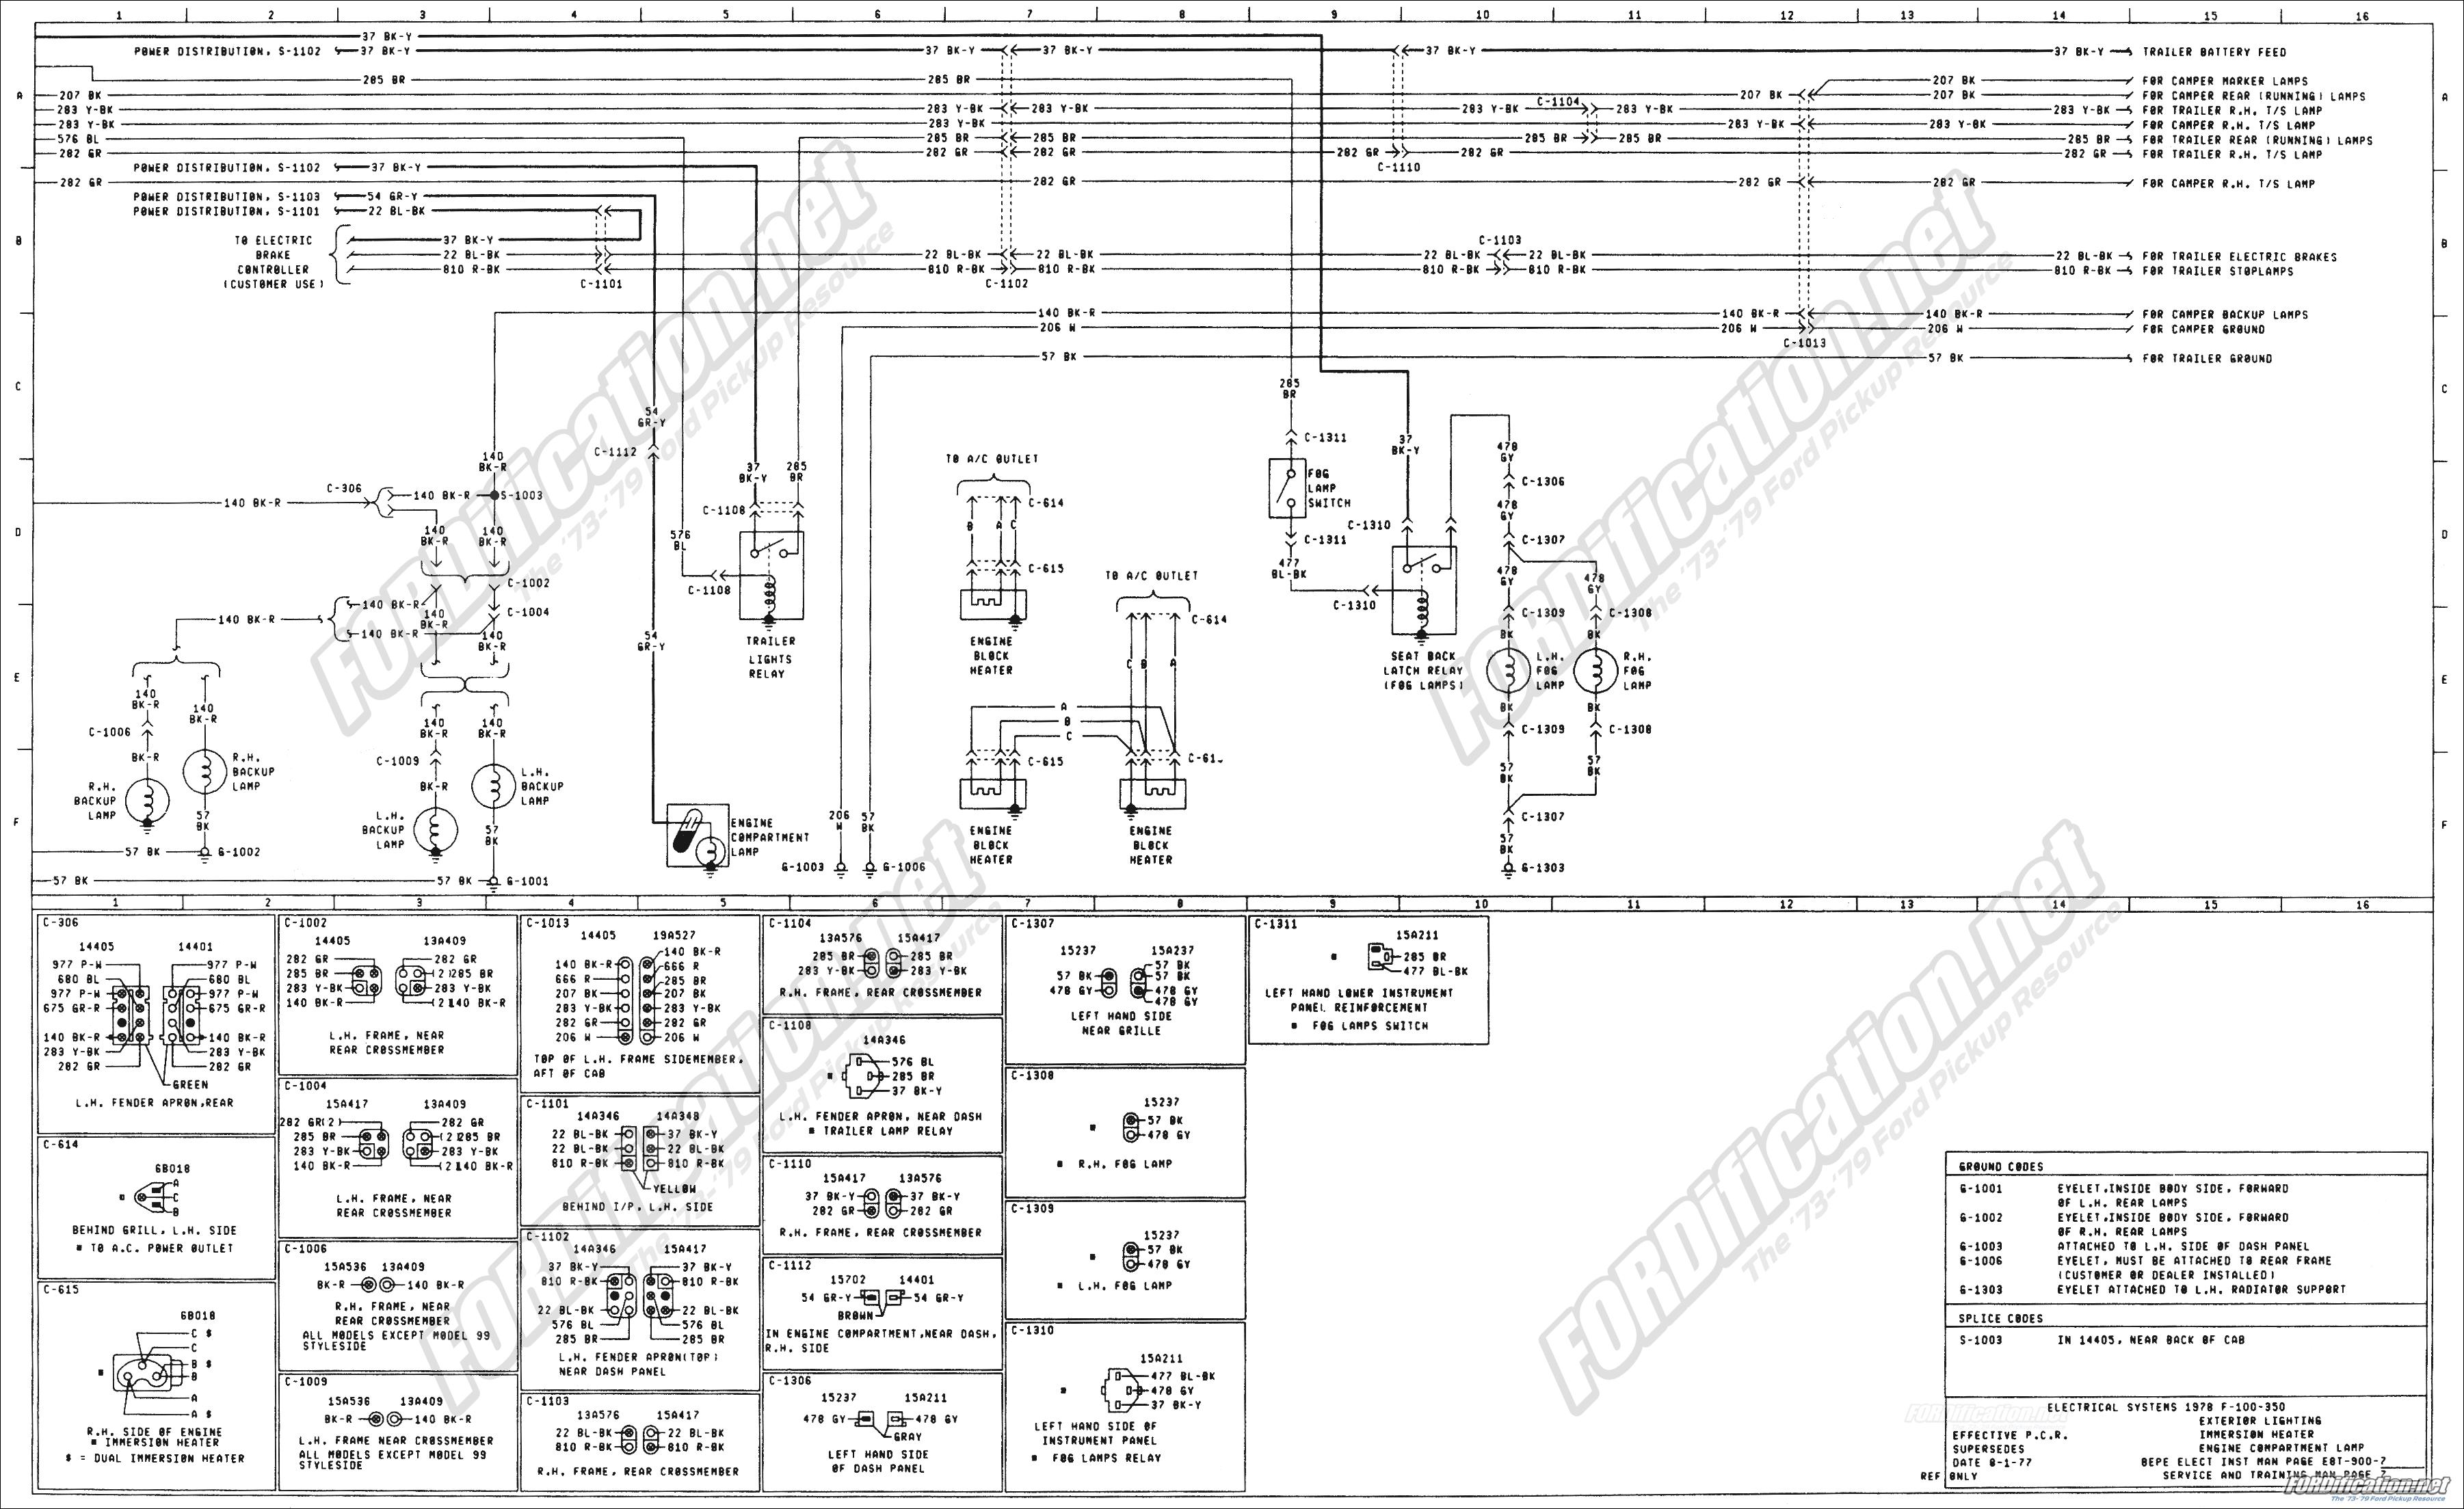 1973-1979 Ford Truck Wiring Diagrams & Schematics ...